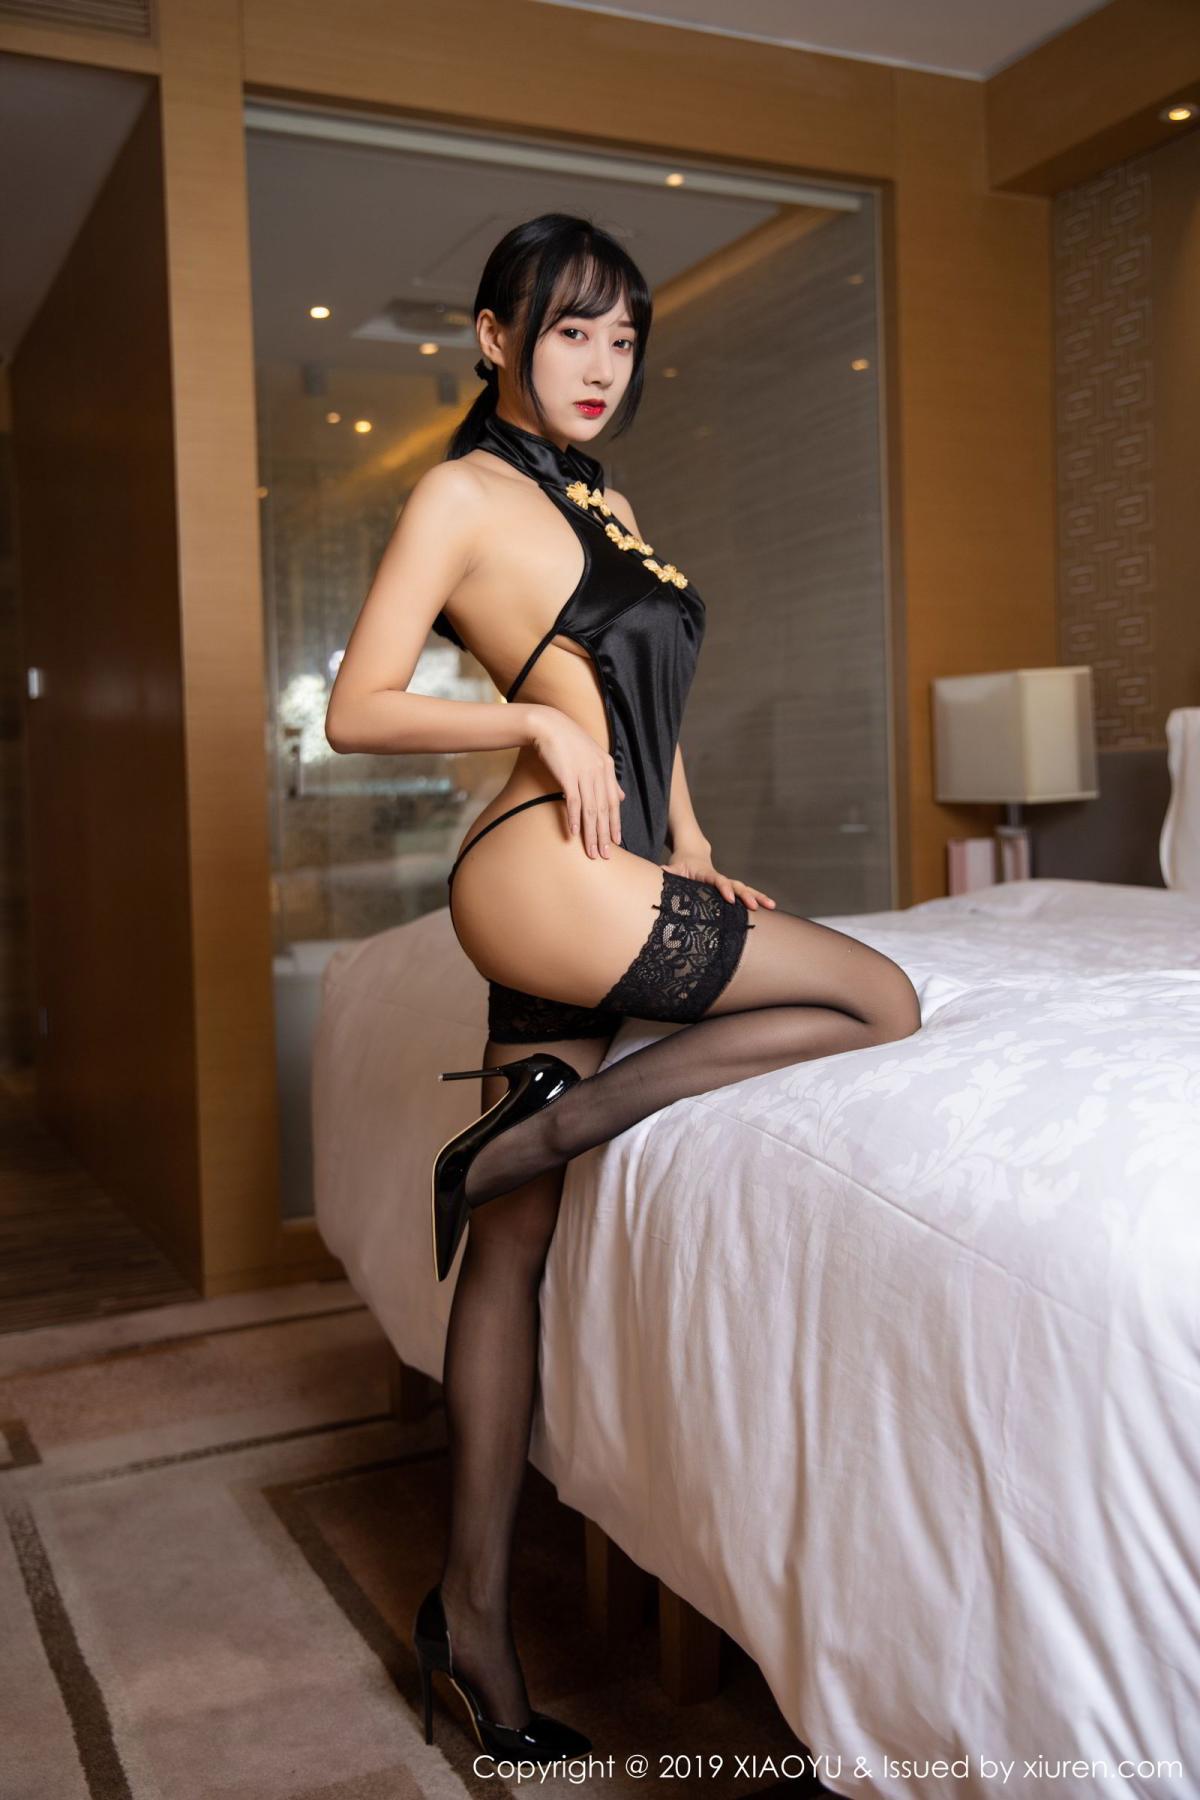 [XiaoYu] Vol.170 He Jia Ying 10P, He Jia Ying, Tall, XiaoYu